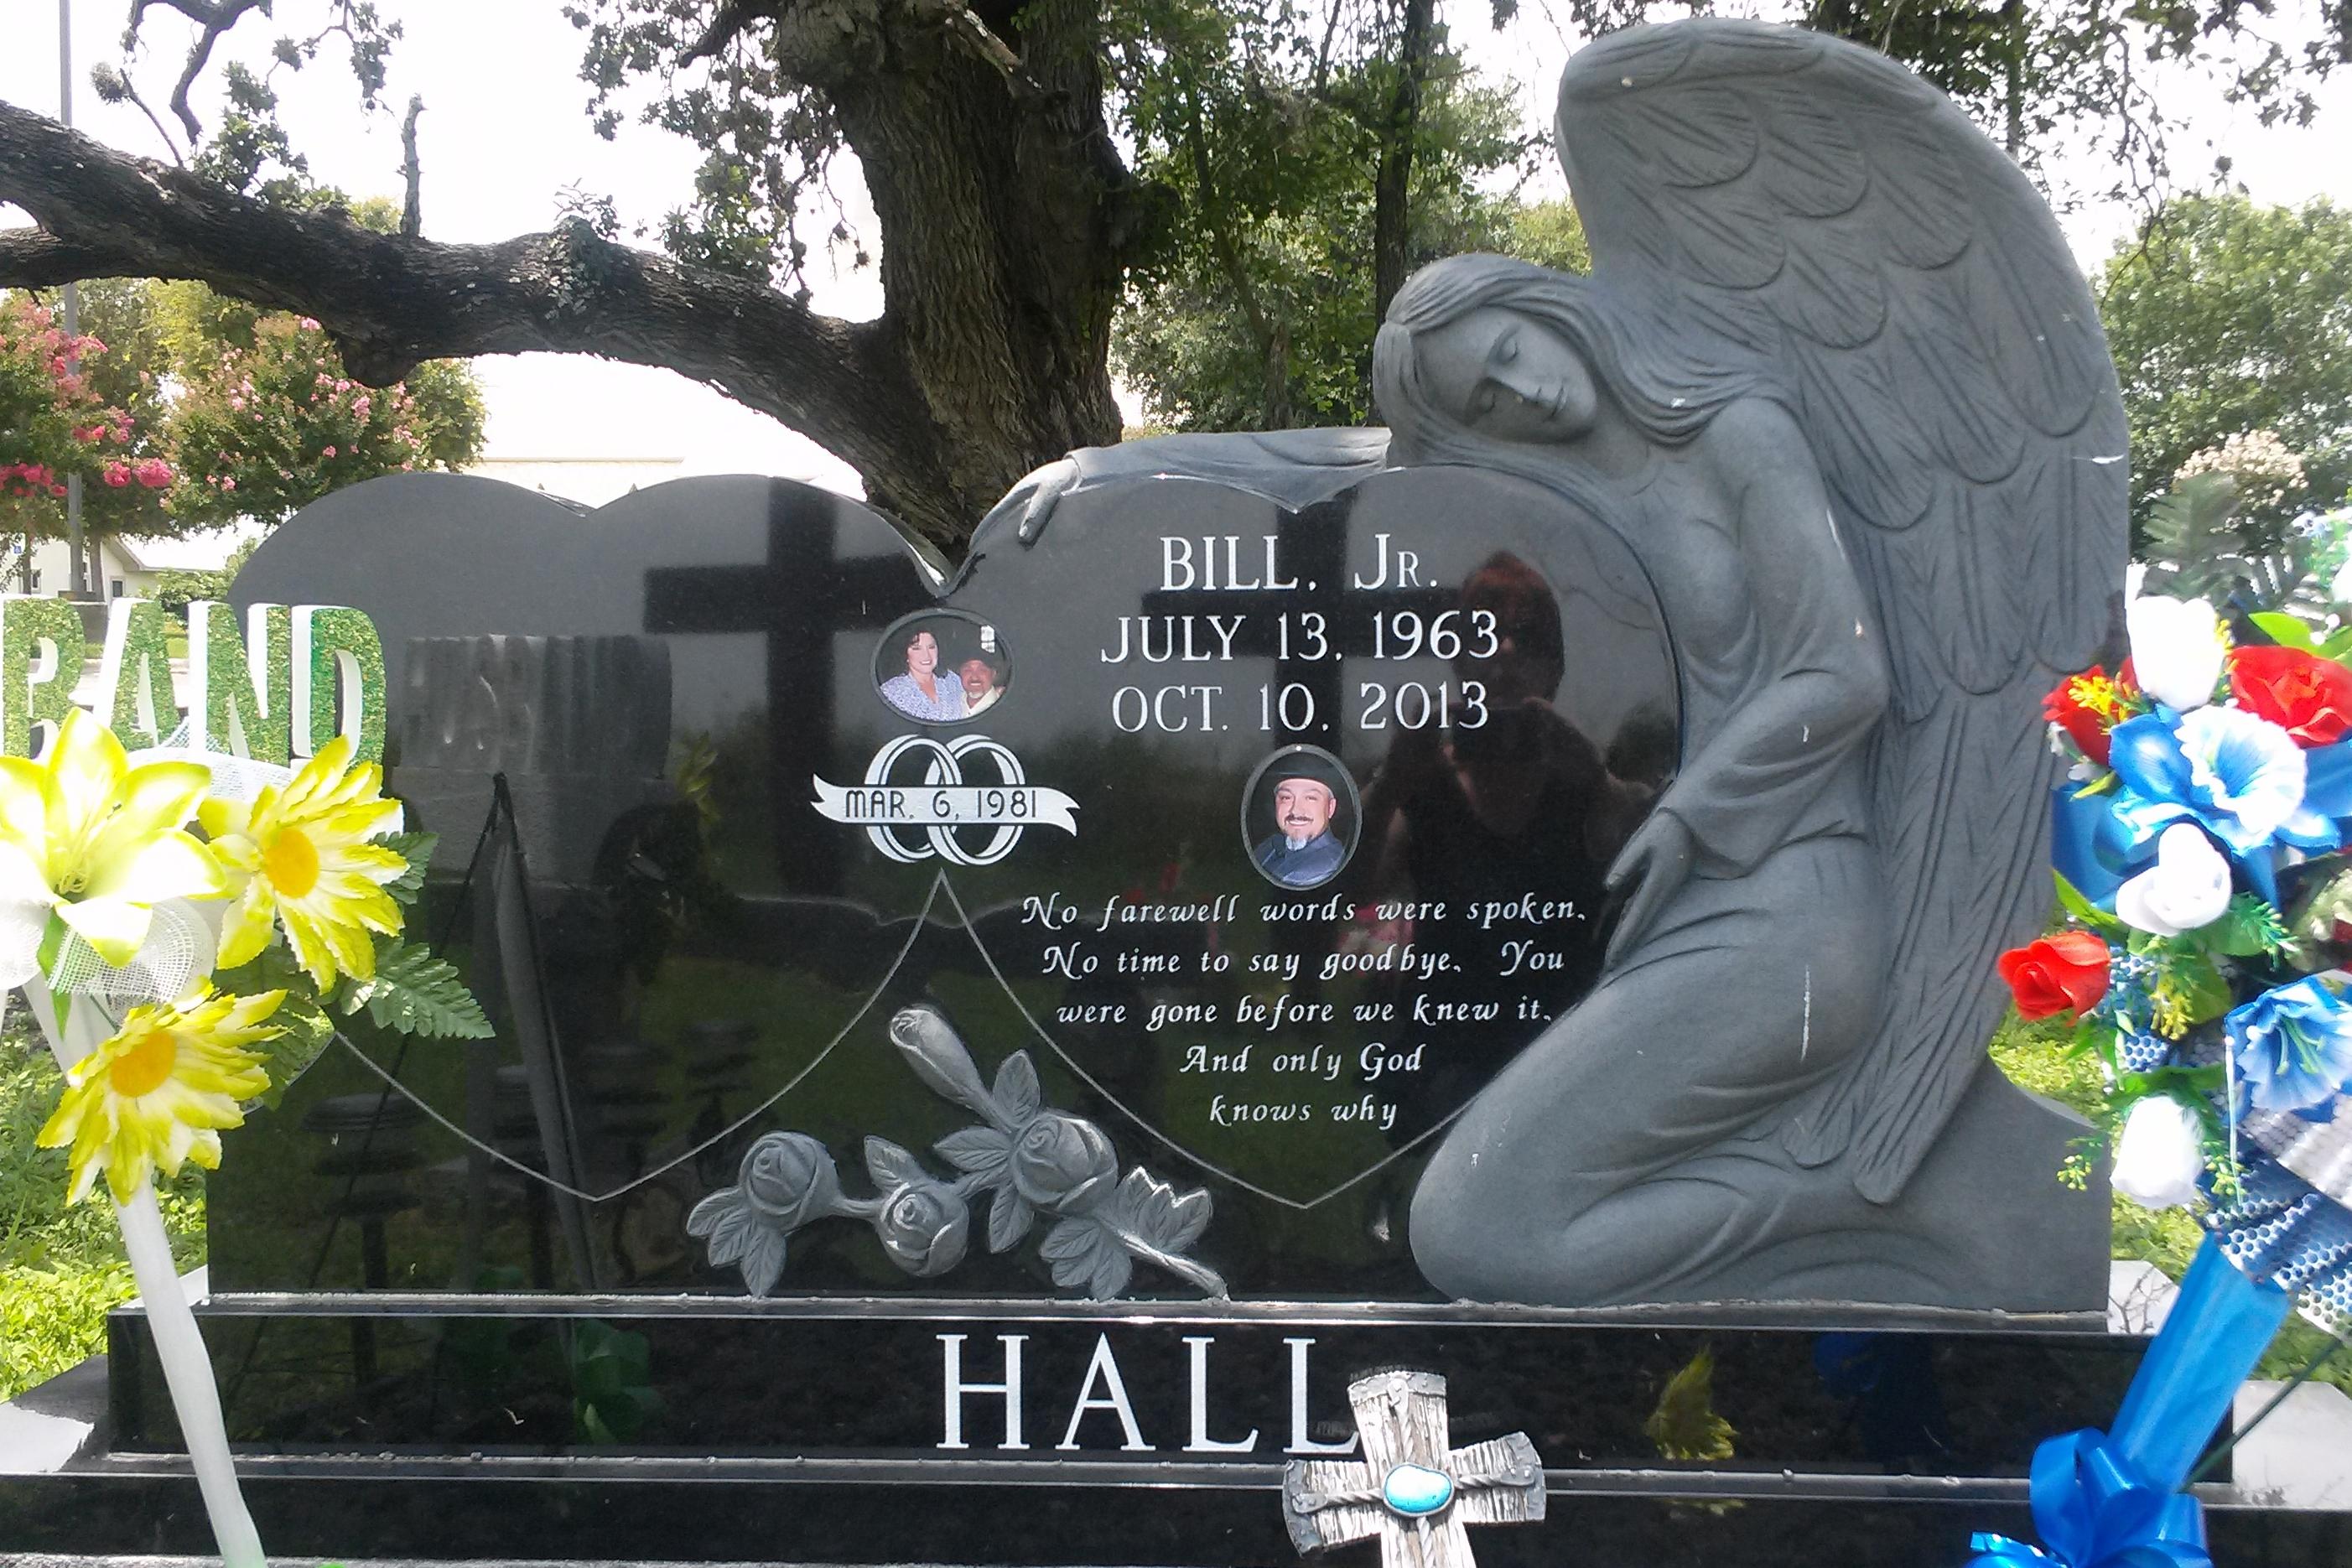 bill hall trucking